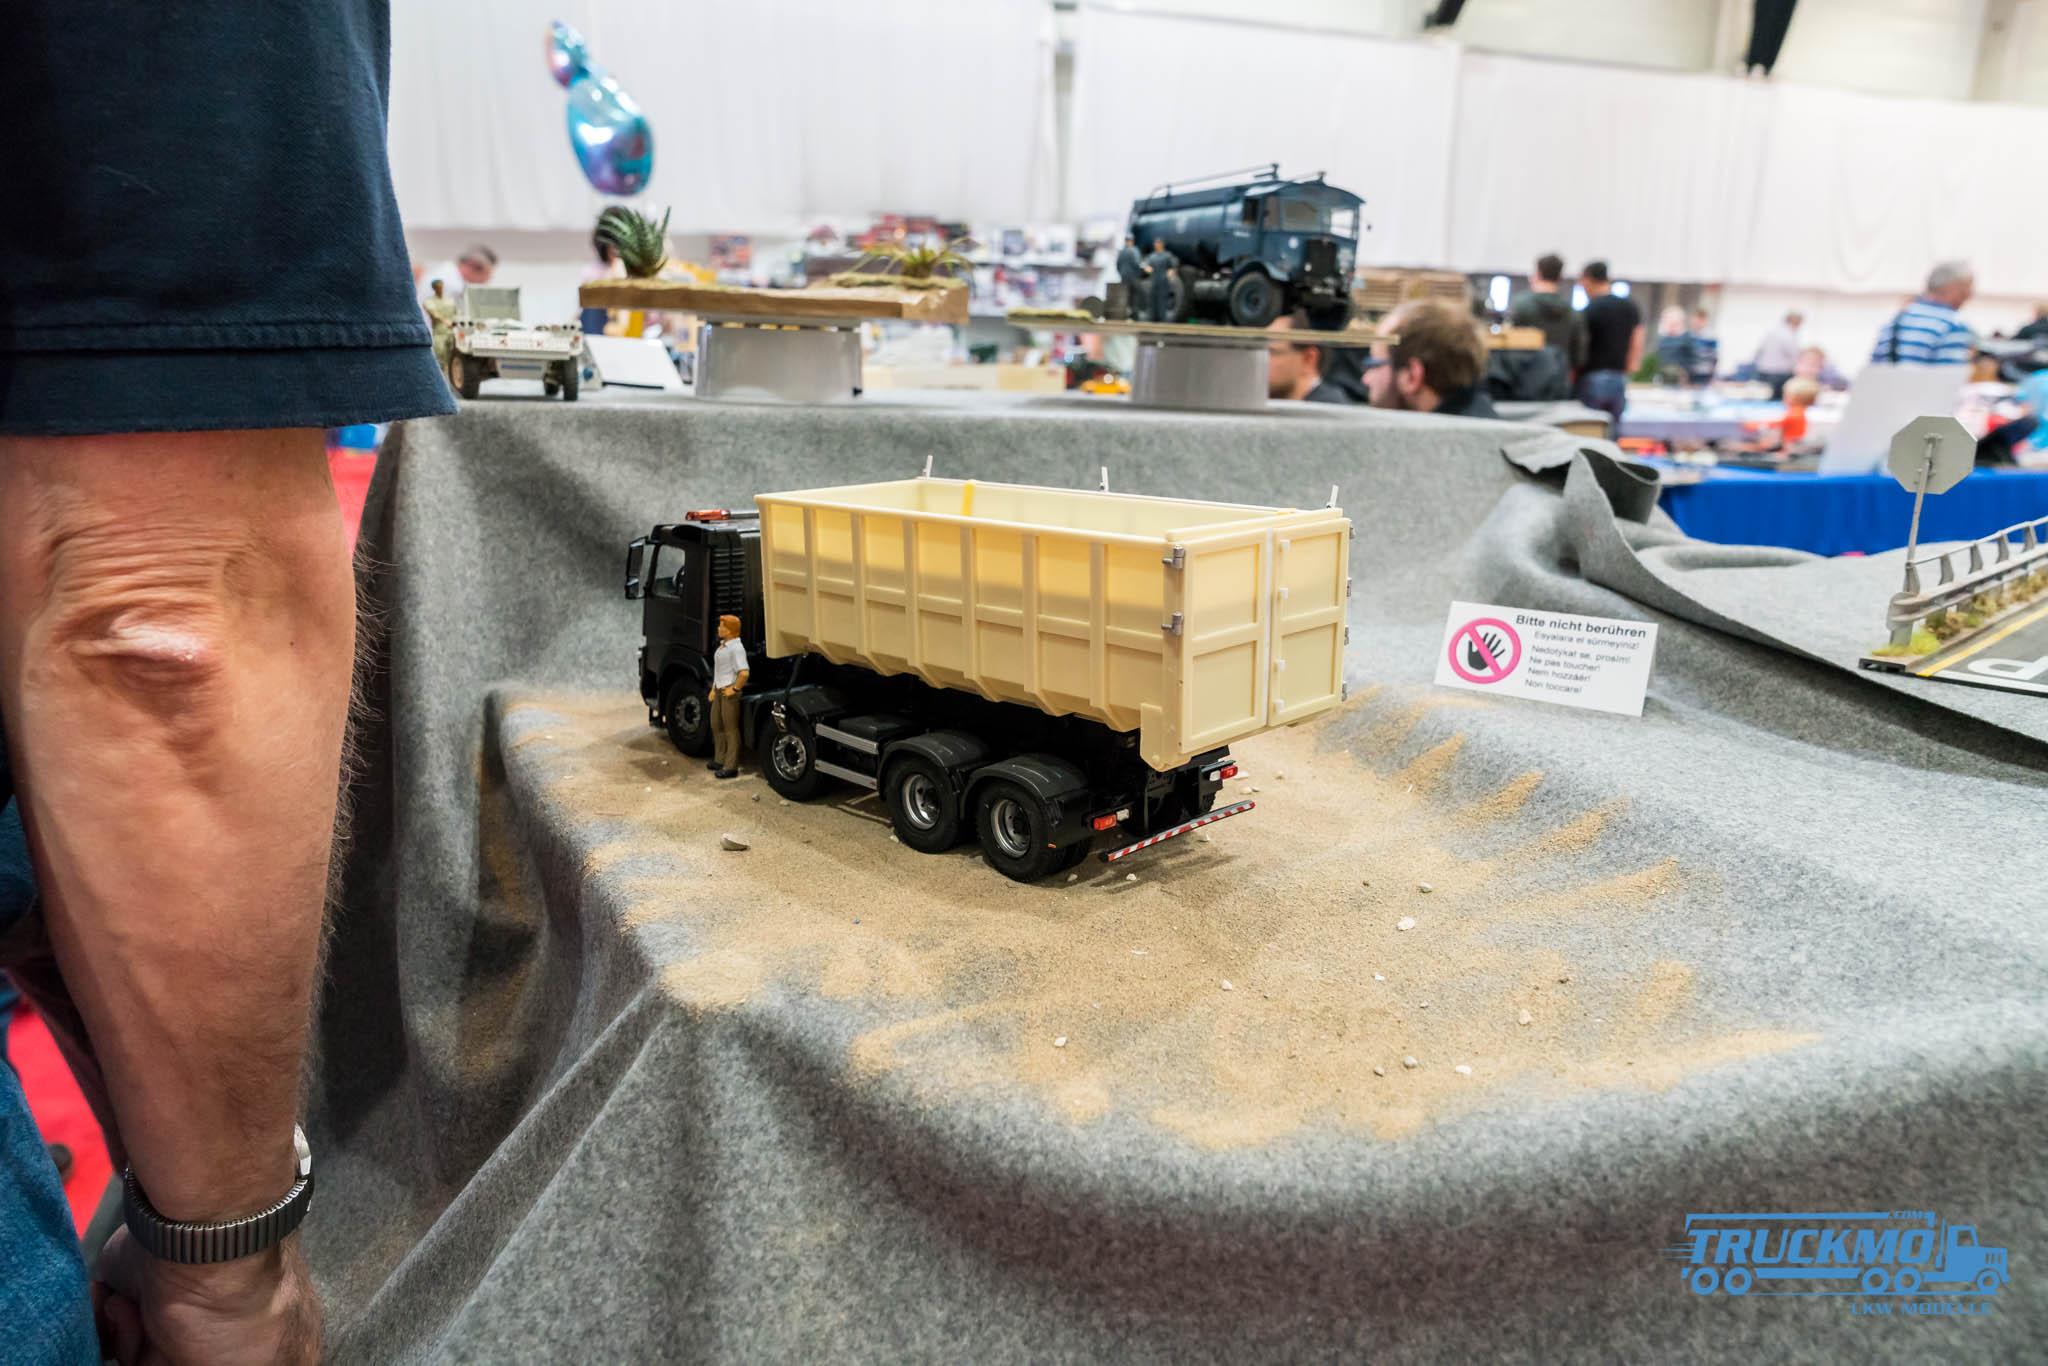 Truckmo_Modellbau_Ried_2017_Herpa_Messe_Modellbauausstellung (305 von 1177)